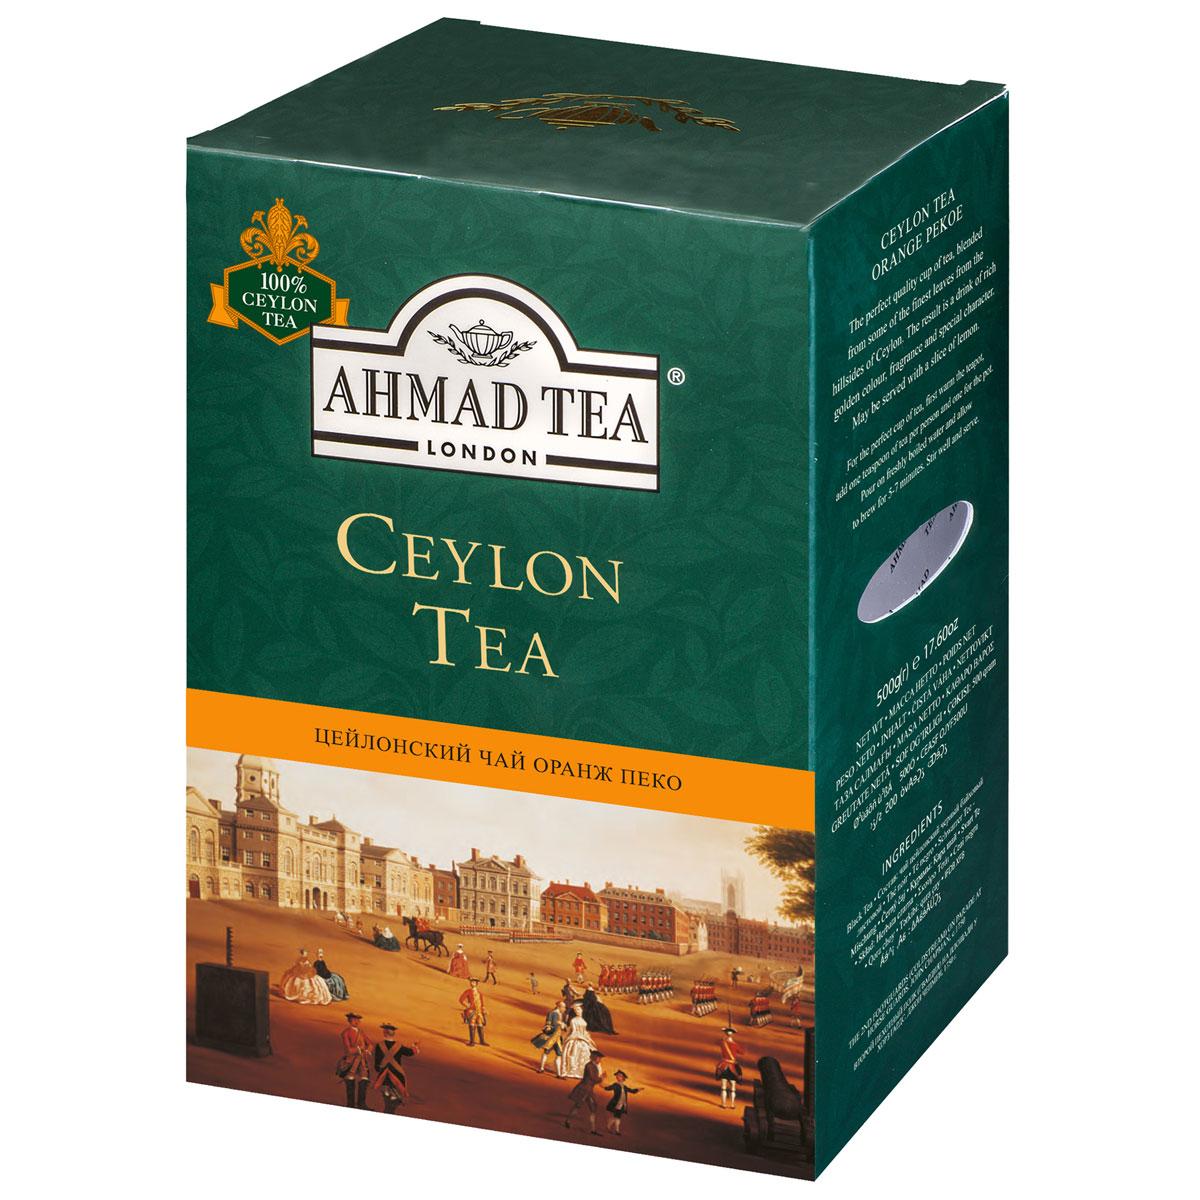 Ahmad Tea Ceylon Tea Orange Pekoe черный чай, 500 г0120710Ahmad Tea Ceylon Tea Orange Pekoe - черный байховый листовой чай, собранный в лучших высокогорных садах Цейлона. Напиток отличает богатство вкуса, аромата и чистый золотой настой.Уважаемые клиенты! Обращаем ваше внимание на то, что упаковка может иметь несколько видов дизайна. Поставка осуществляется в зависимости от наличия на складе.